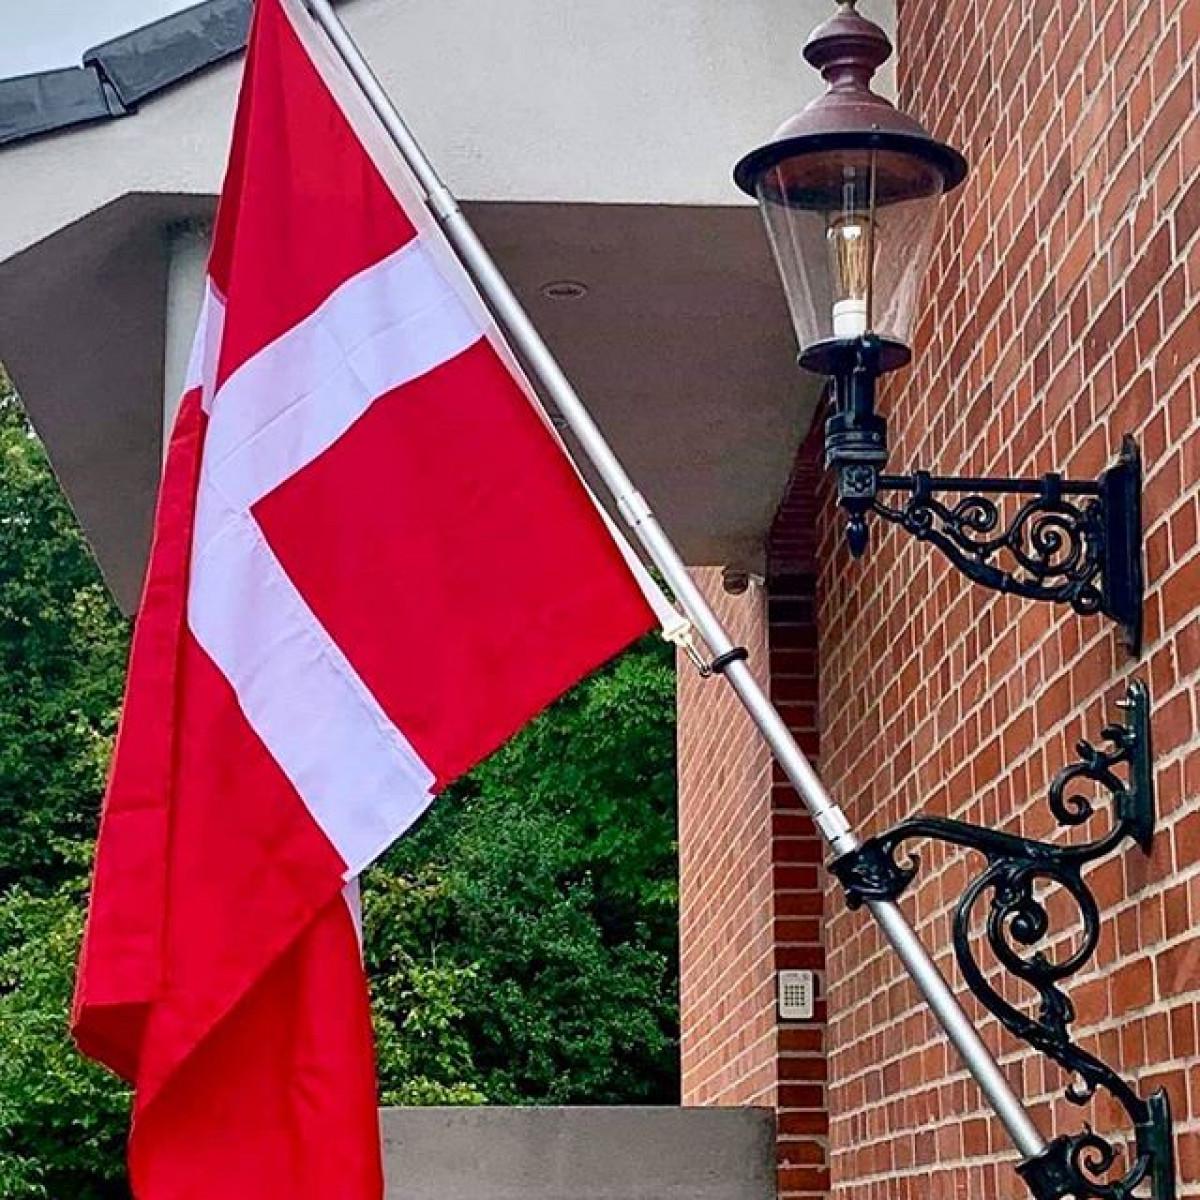 Landelijke geveldecoratie- vlaggenstokhouder groot brons- officieel KS kwaliteitsproduct- handmade